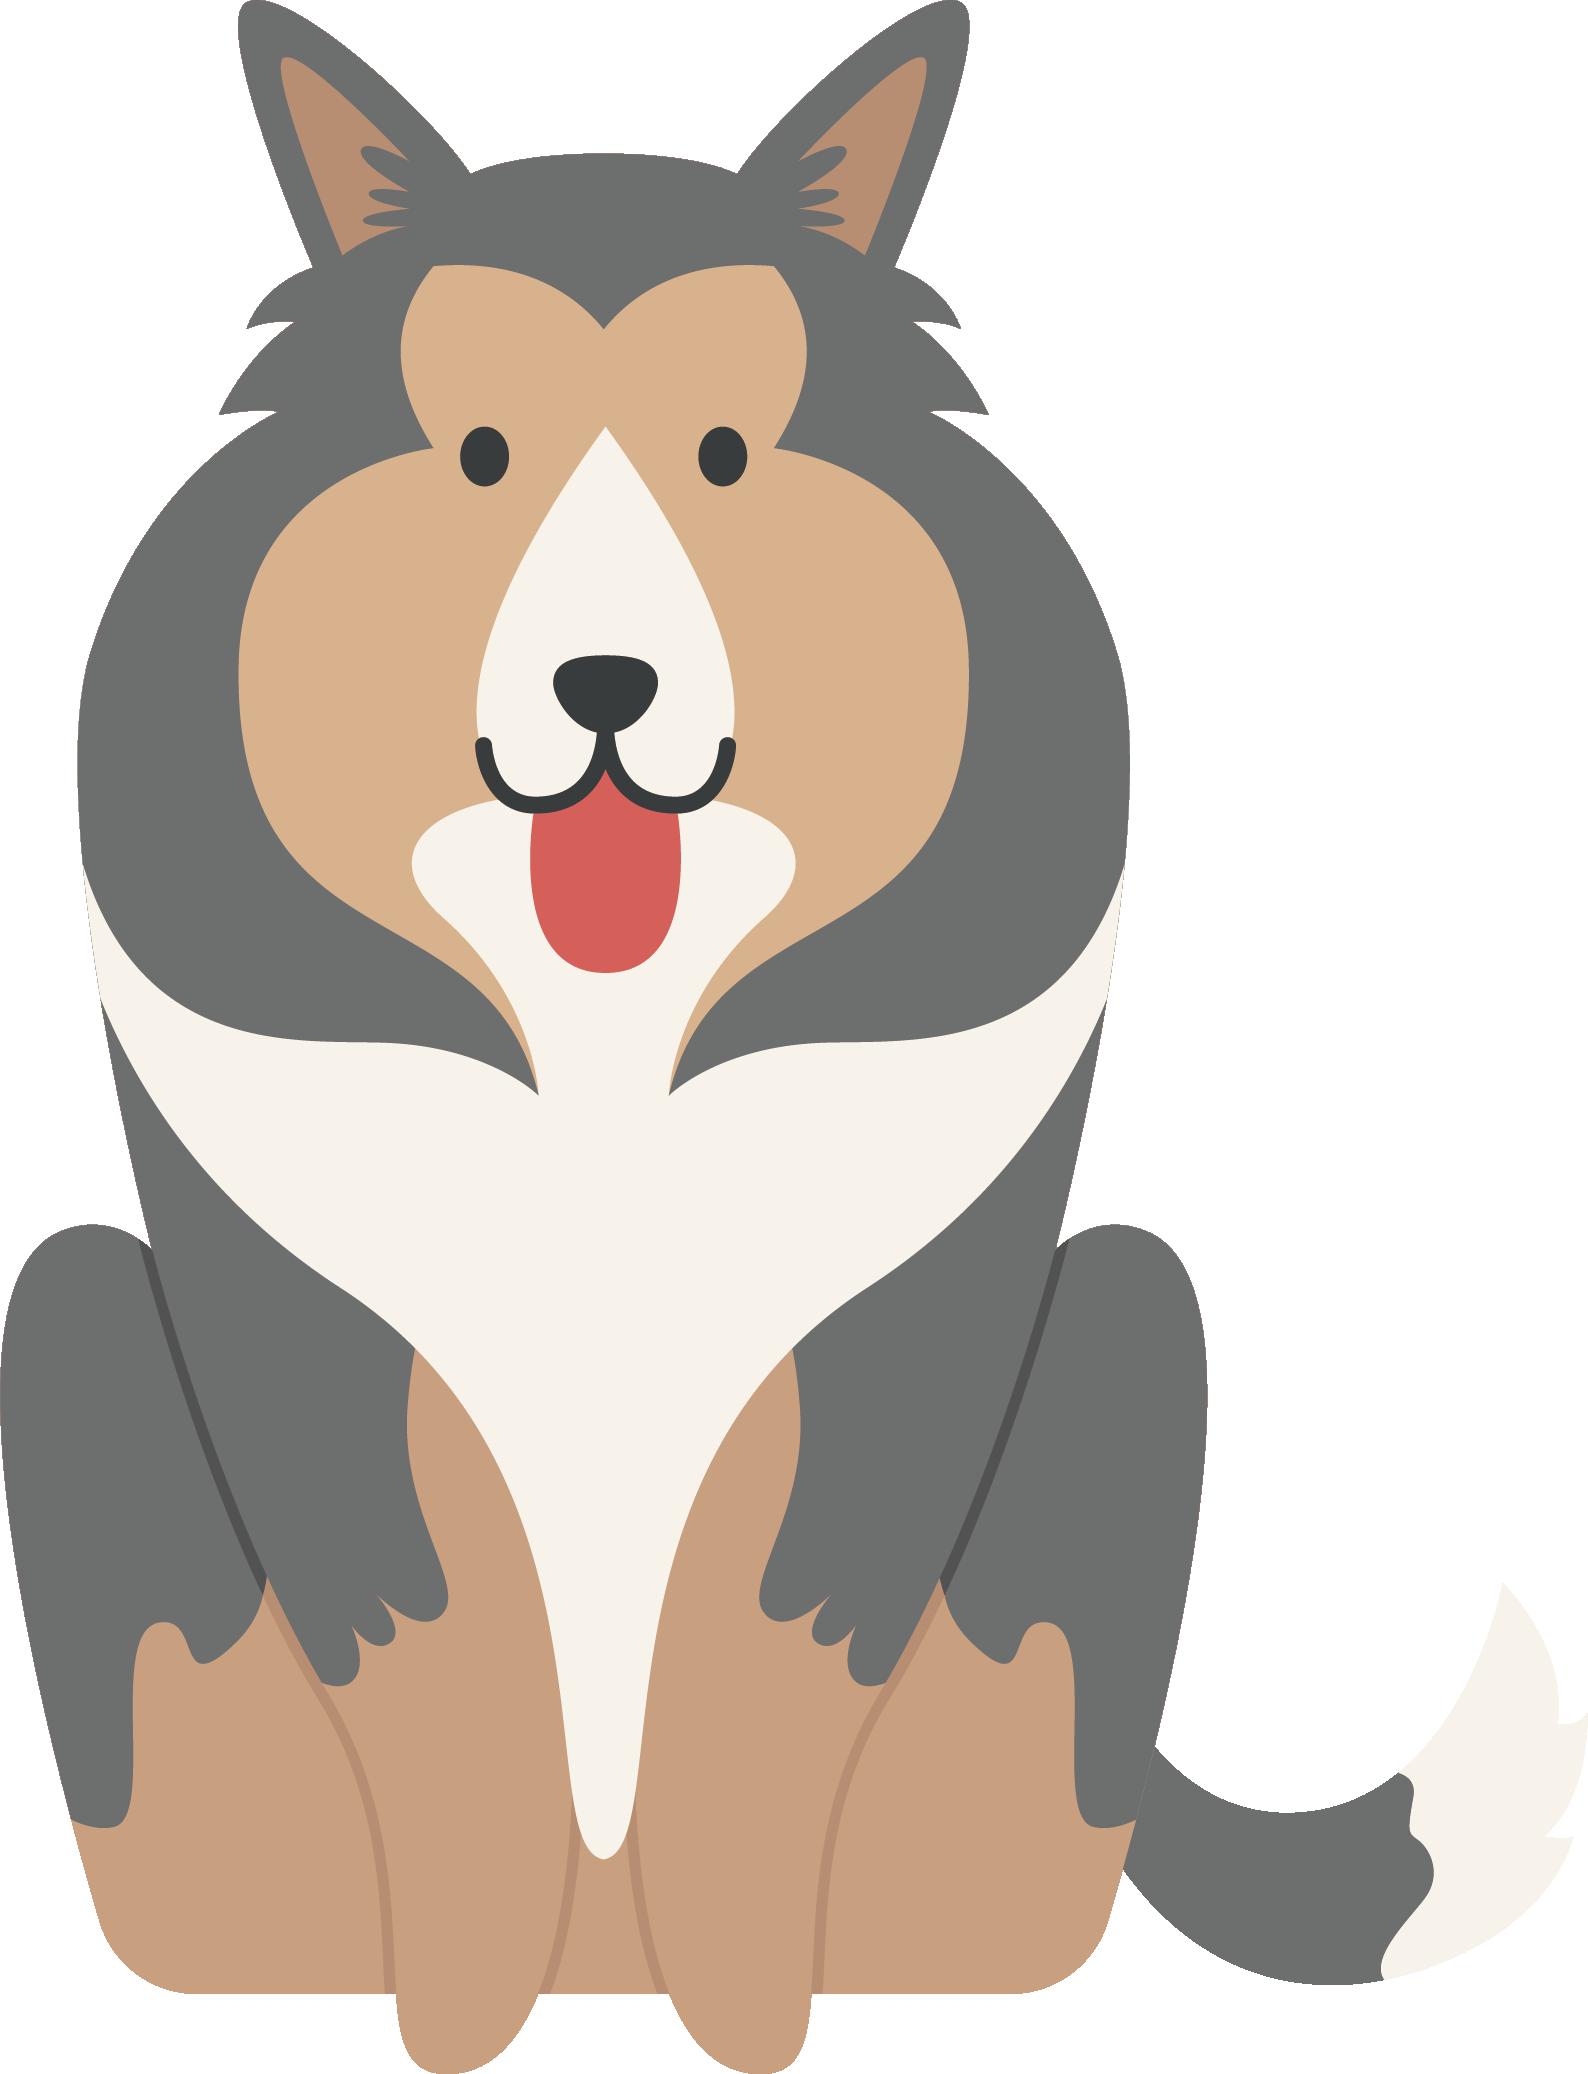 Pekingese transprent free download. Dog vector png